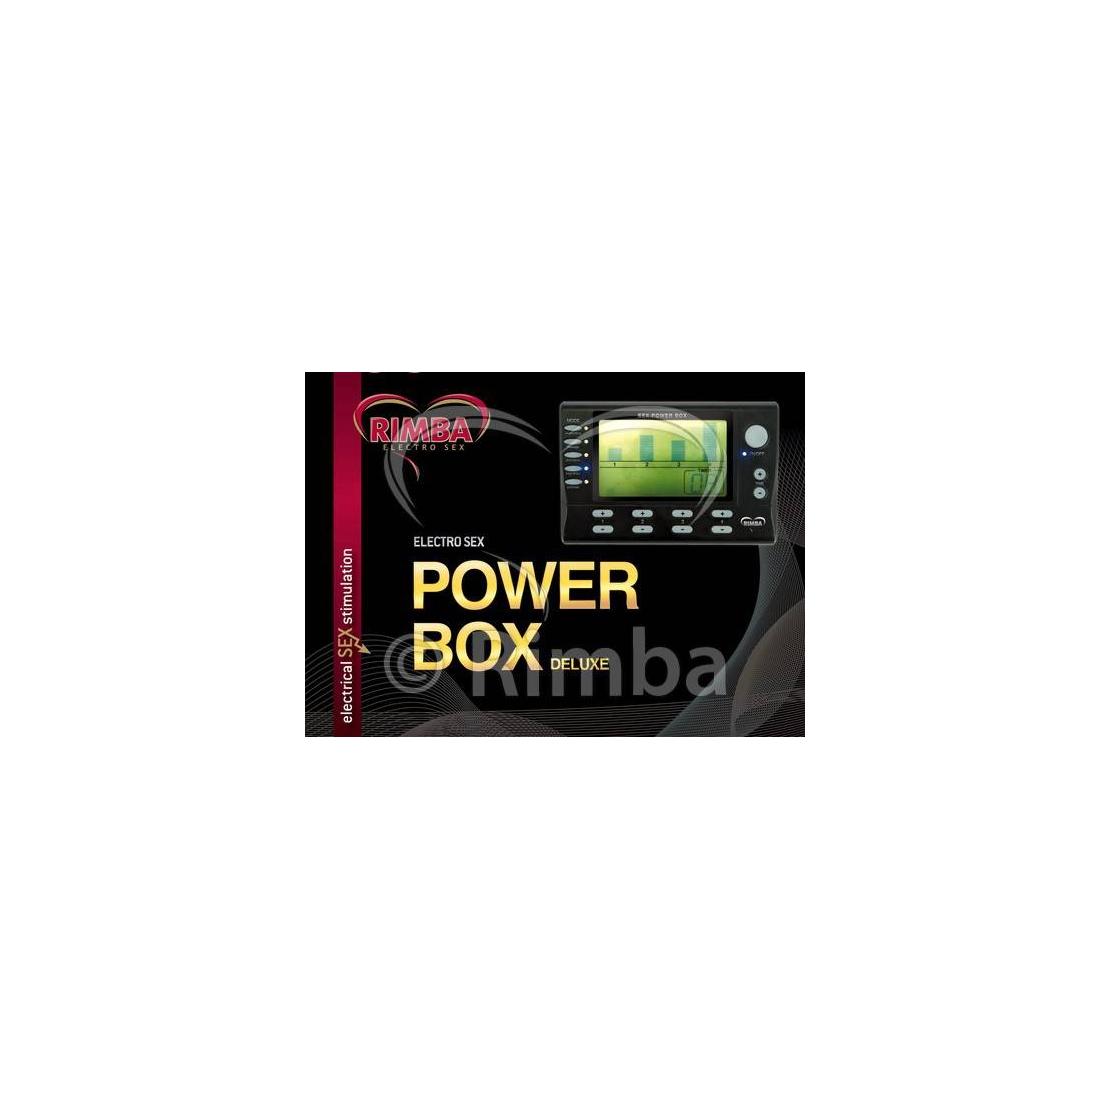 MACCHINA ELETTRICA POWER BOX DELUXE